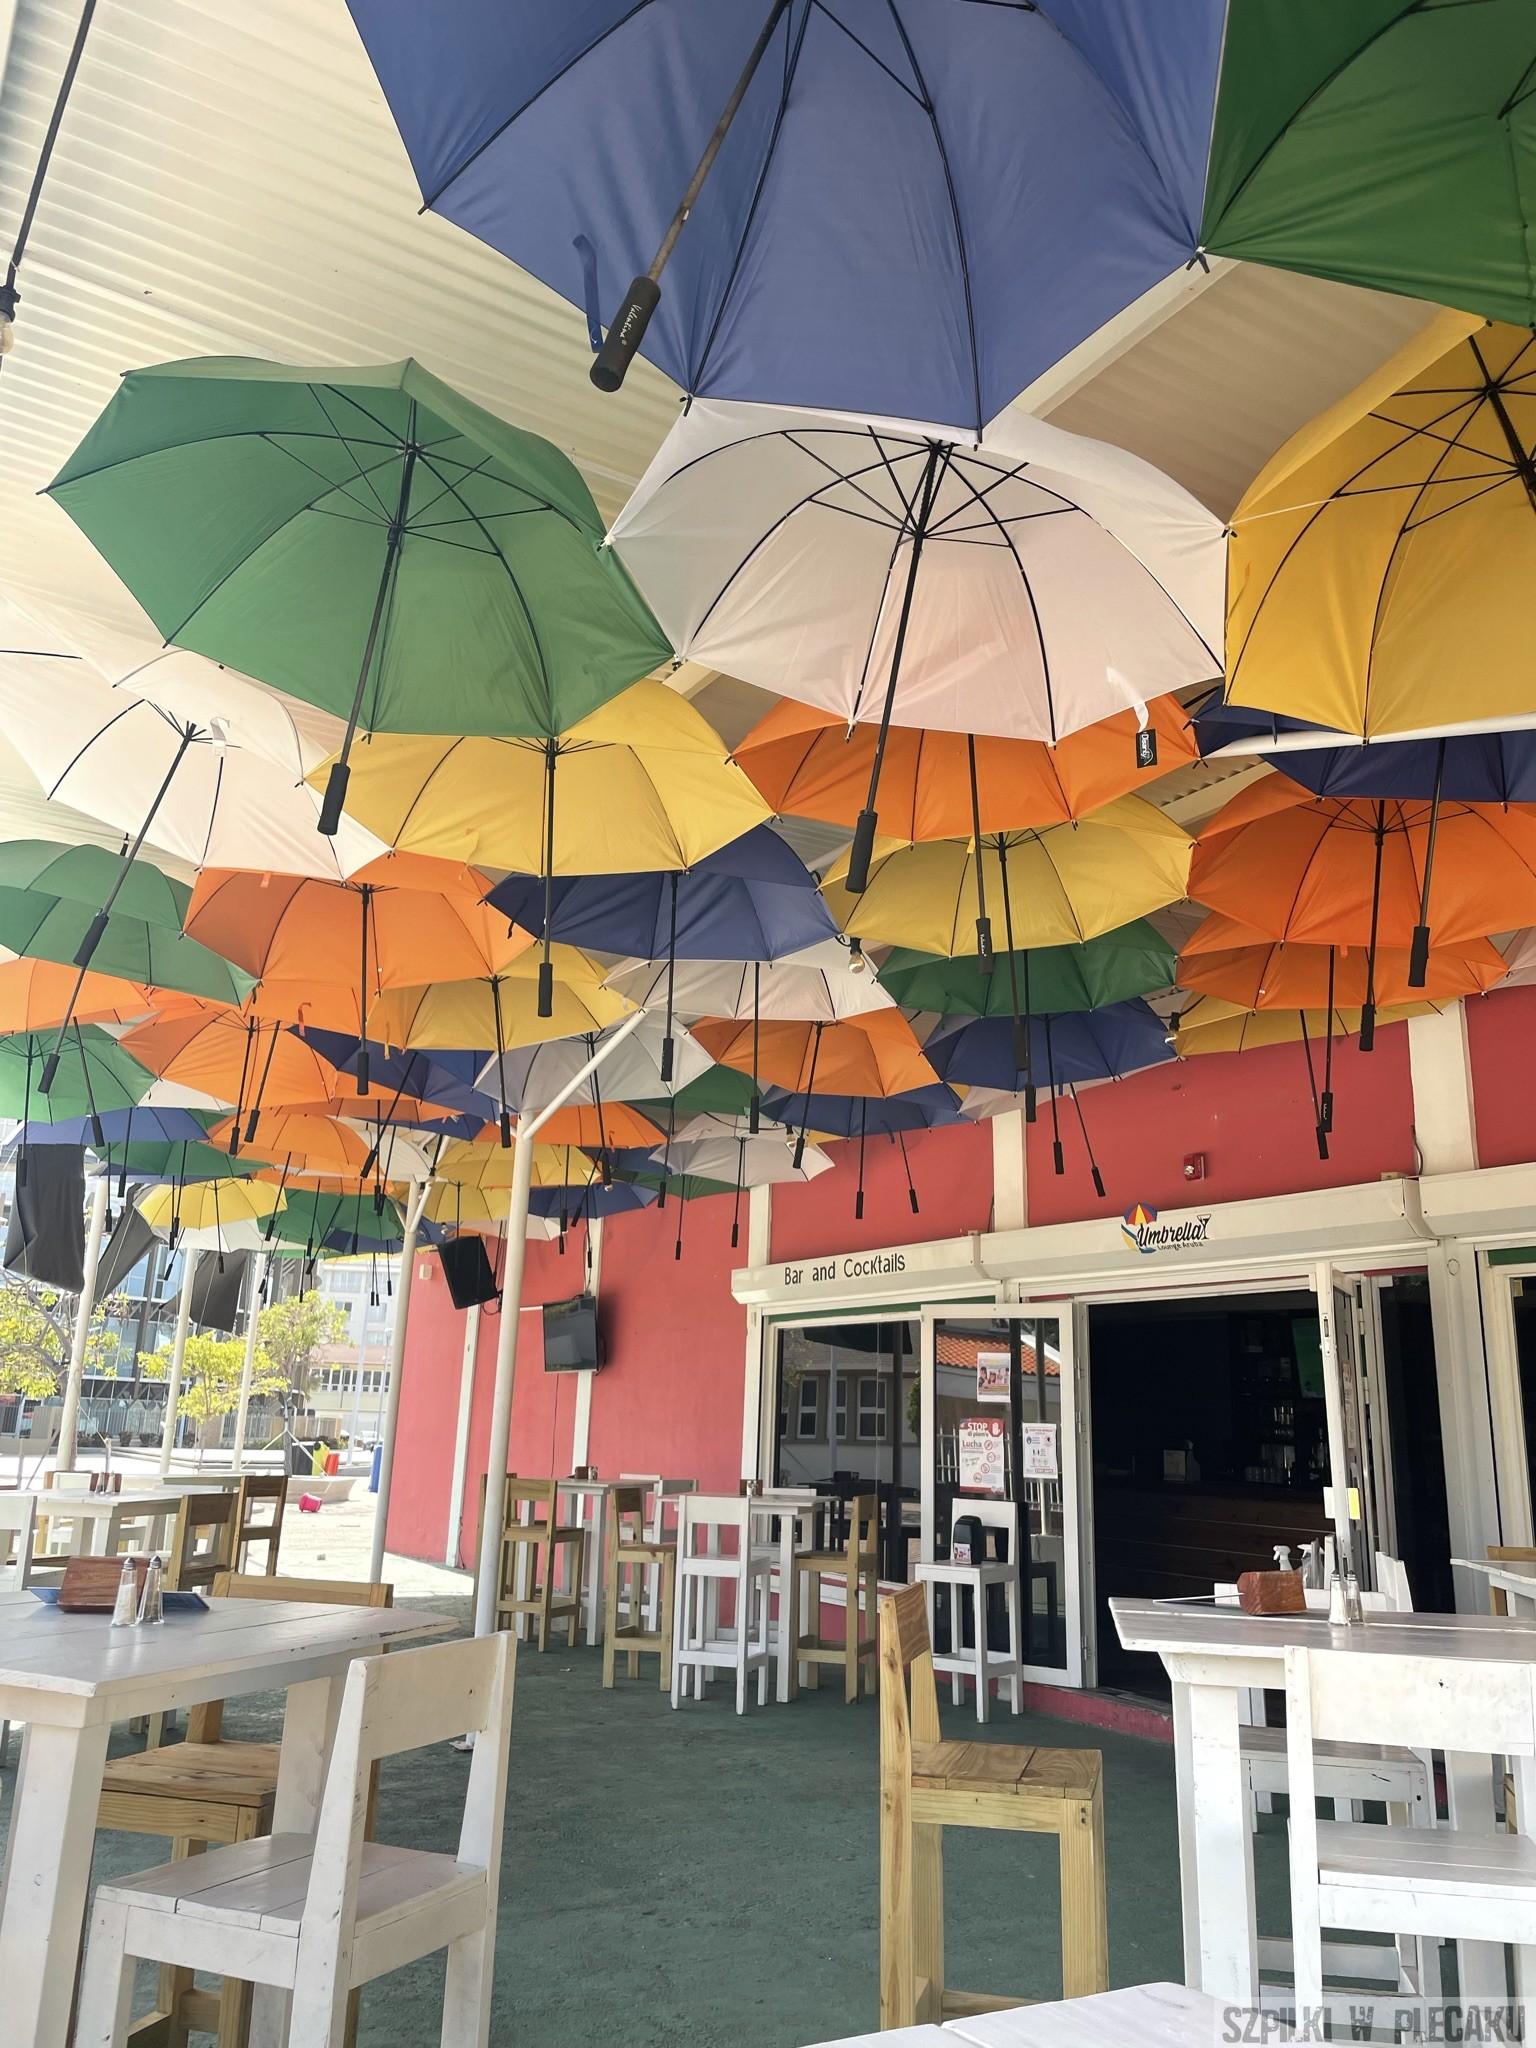 Orajnestad - Aruba - Szpilki w plecaku